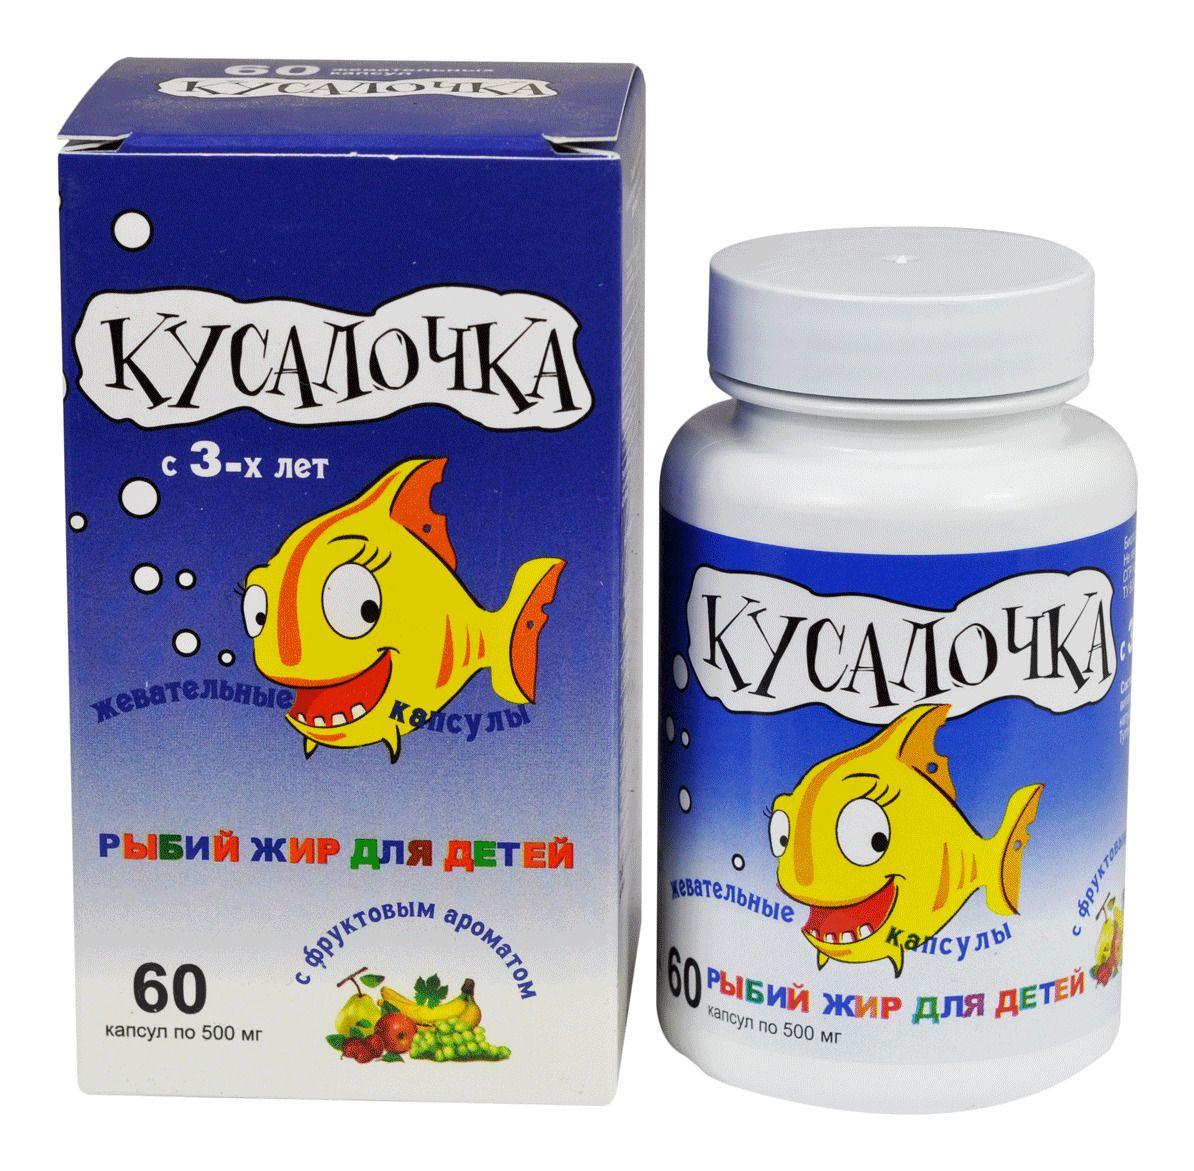 Кусалочка рыбий жир для детей